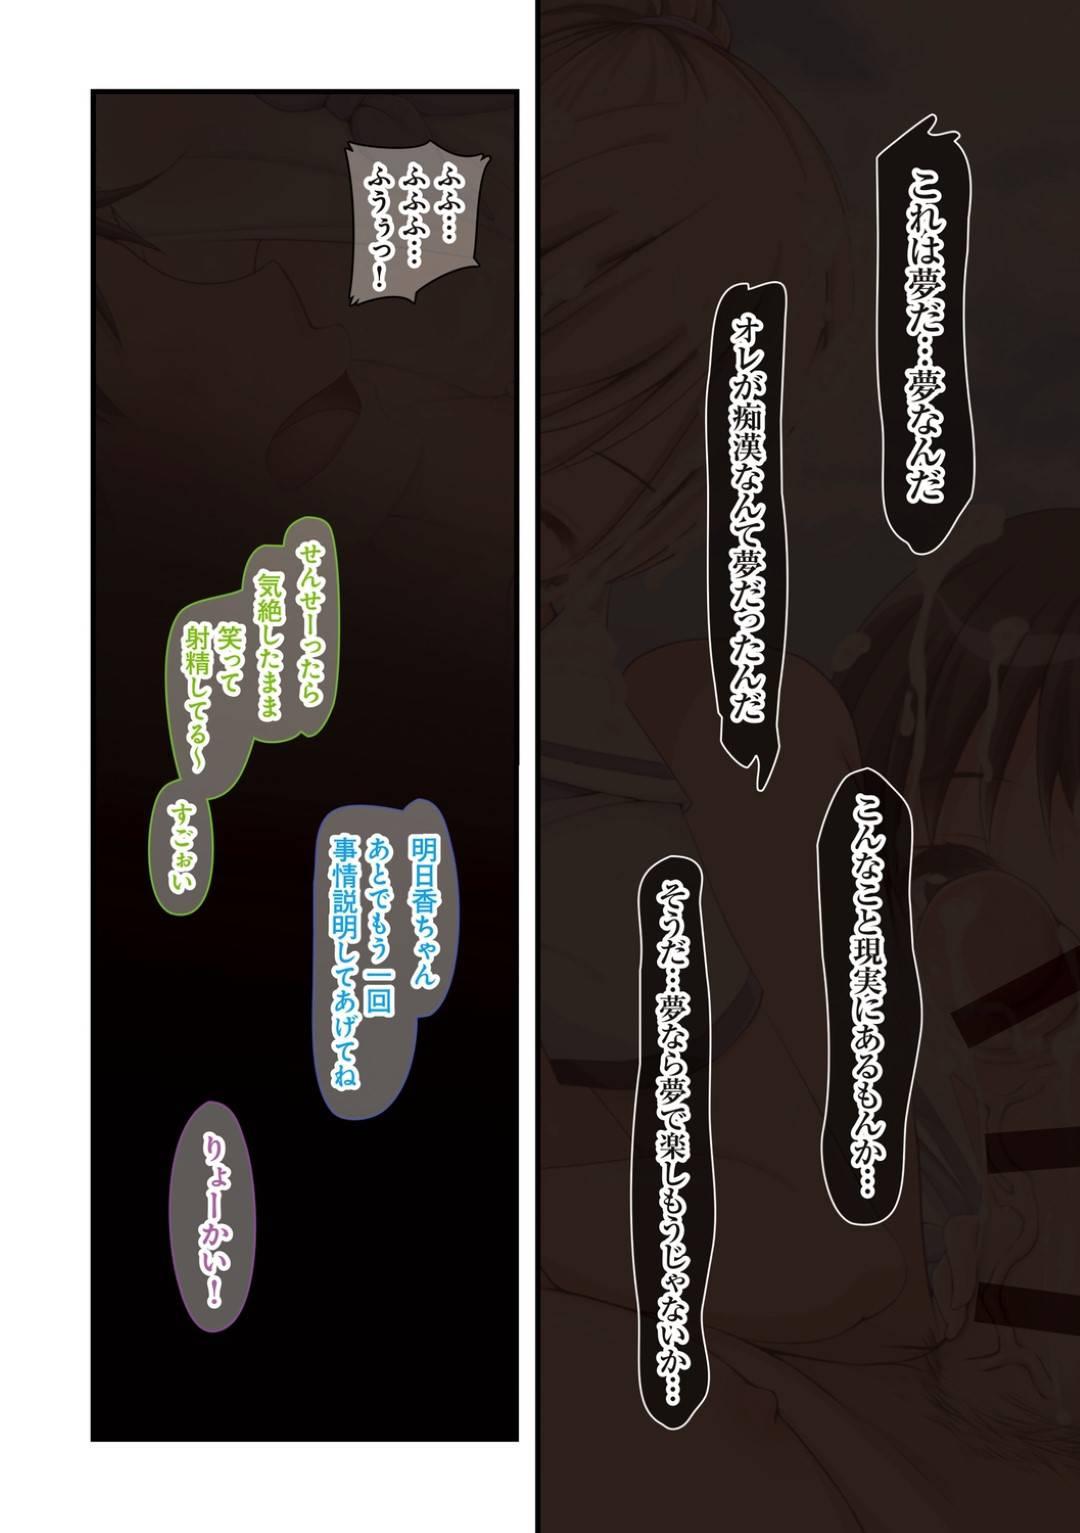 【エロ漫画】性欲が溜まった男性教師に朝の満員電車で犯されるJK…中出しされた後教師を捕まえターゲットに決定!教師が目を覚ますと知らない島で勝手にフェラされていた!制服を着た美少女たちに連続射精させられる!【くっくみるく】